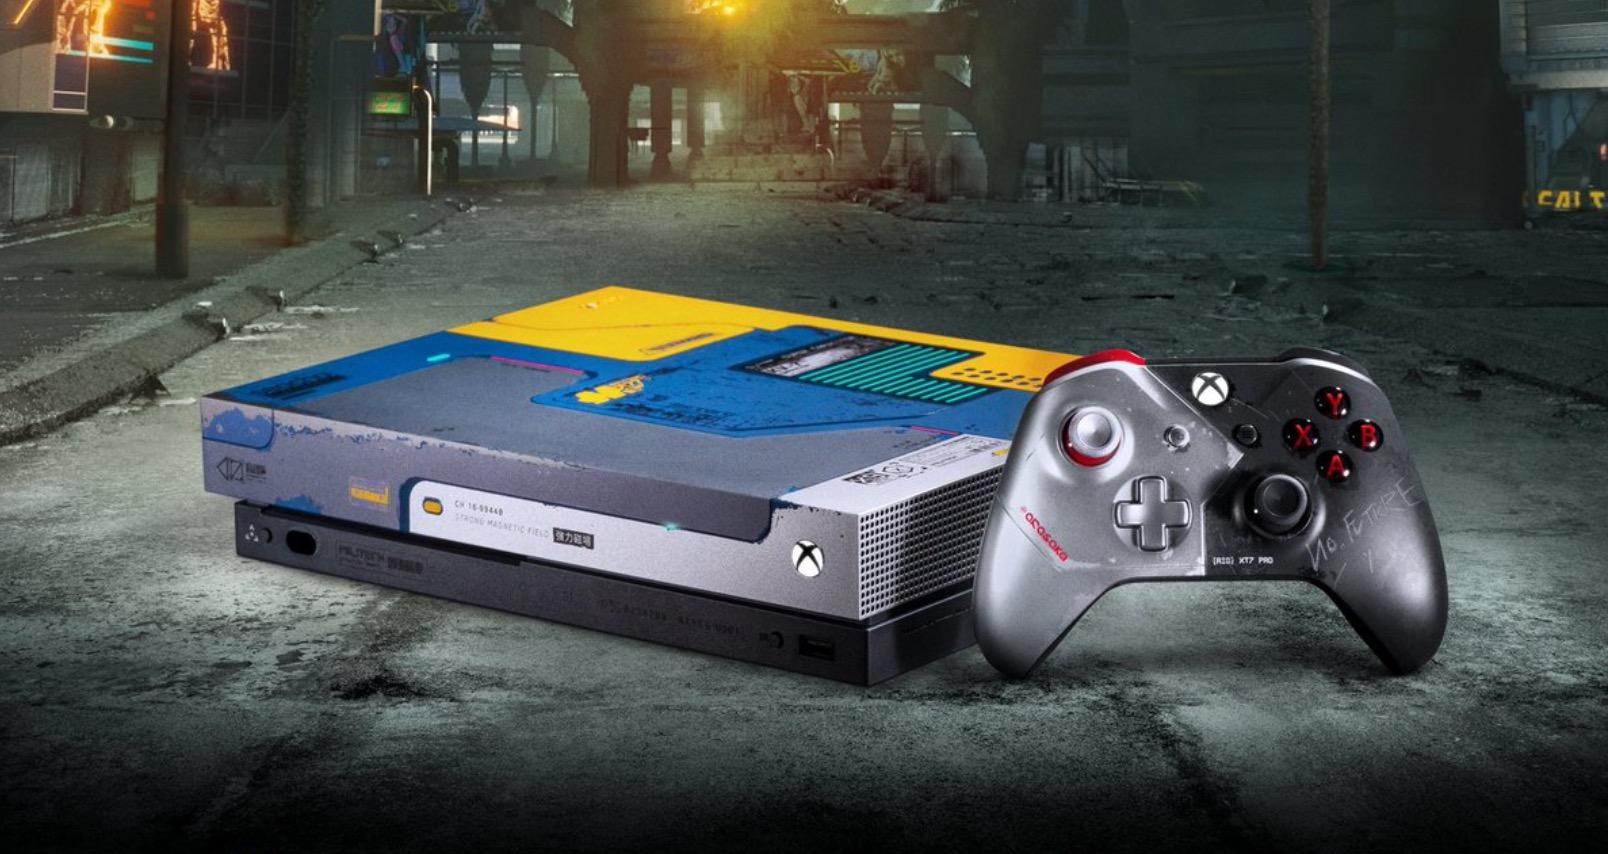 Microsoft associe désormais directement les jeux aux Xbox neuves vendues en bundle